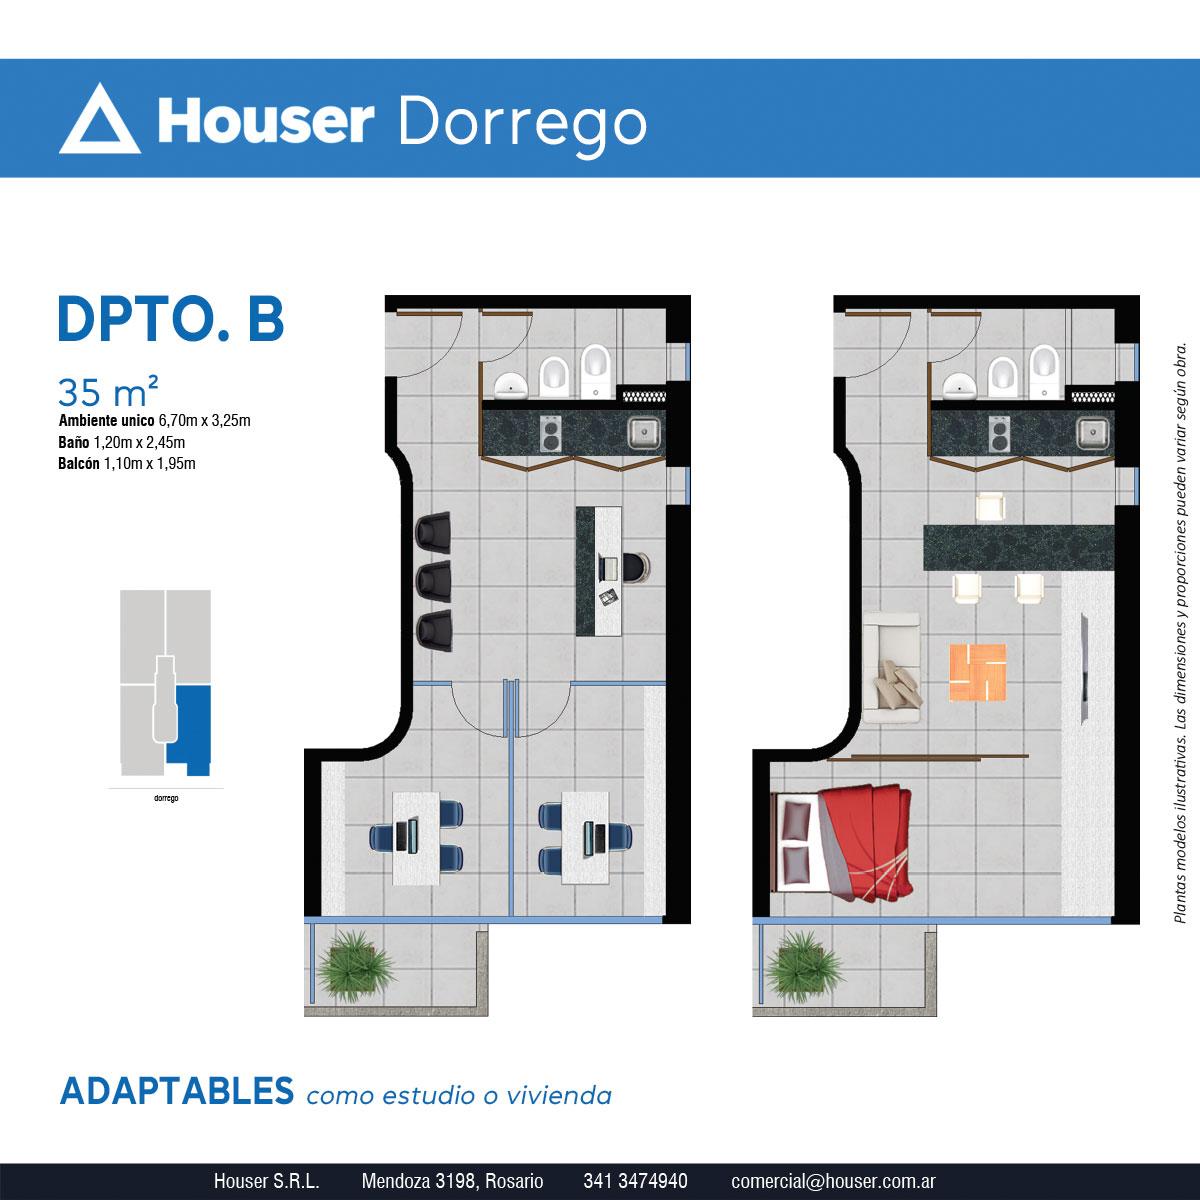 Plantas Houser Dorrego - Departamento B